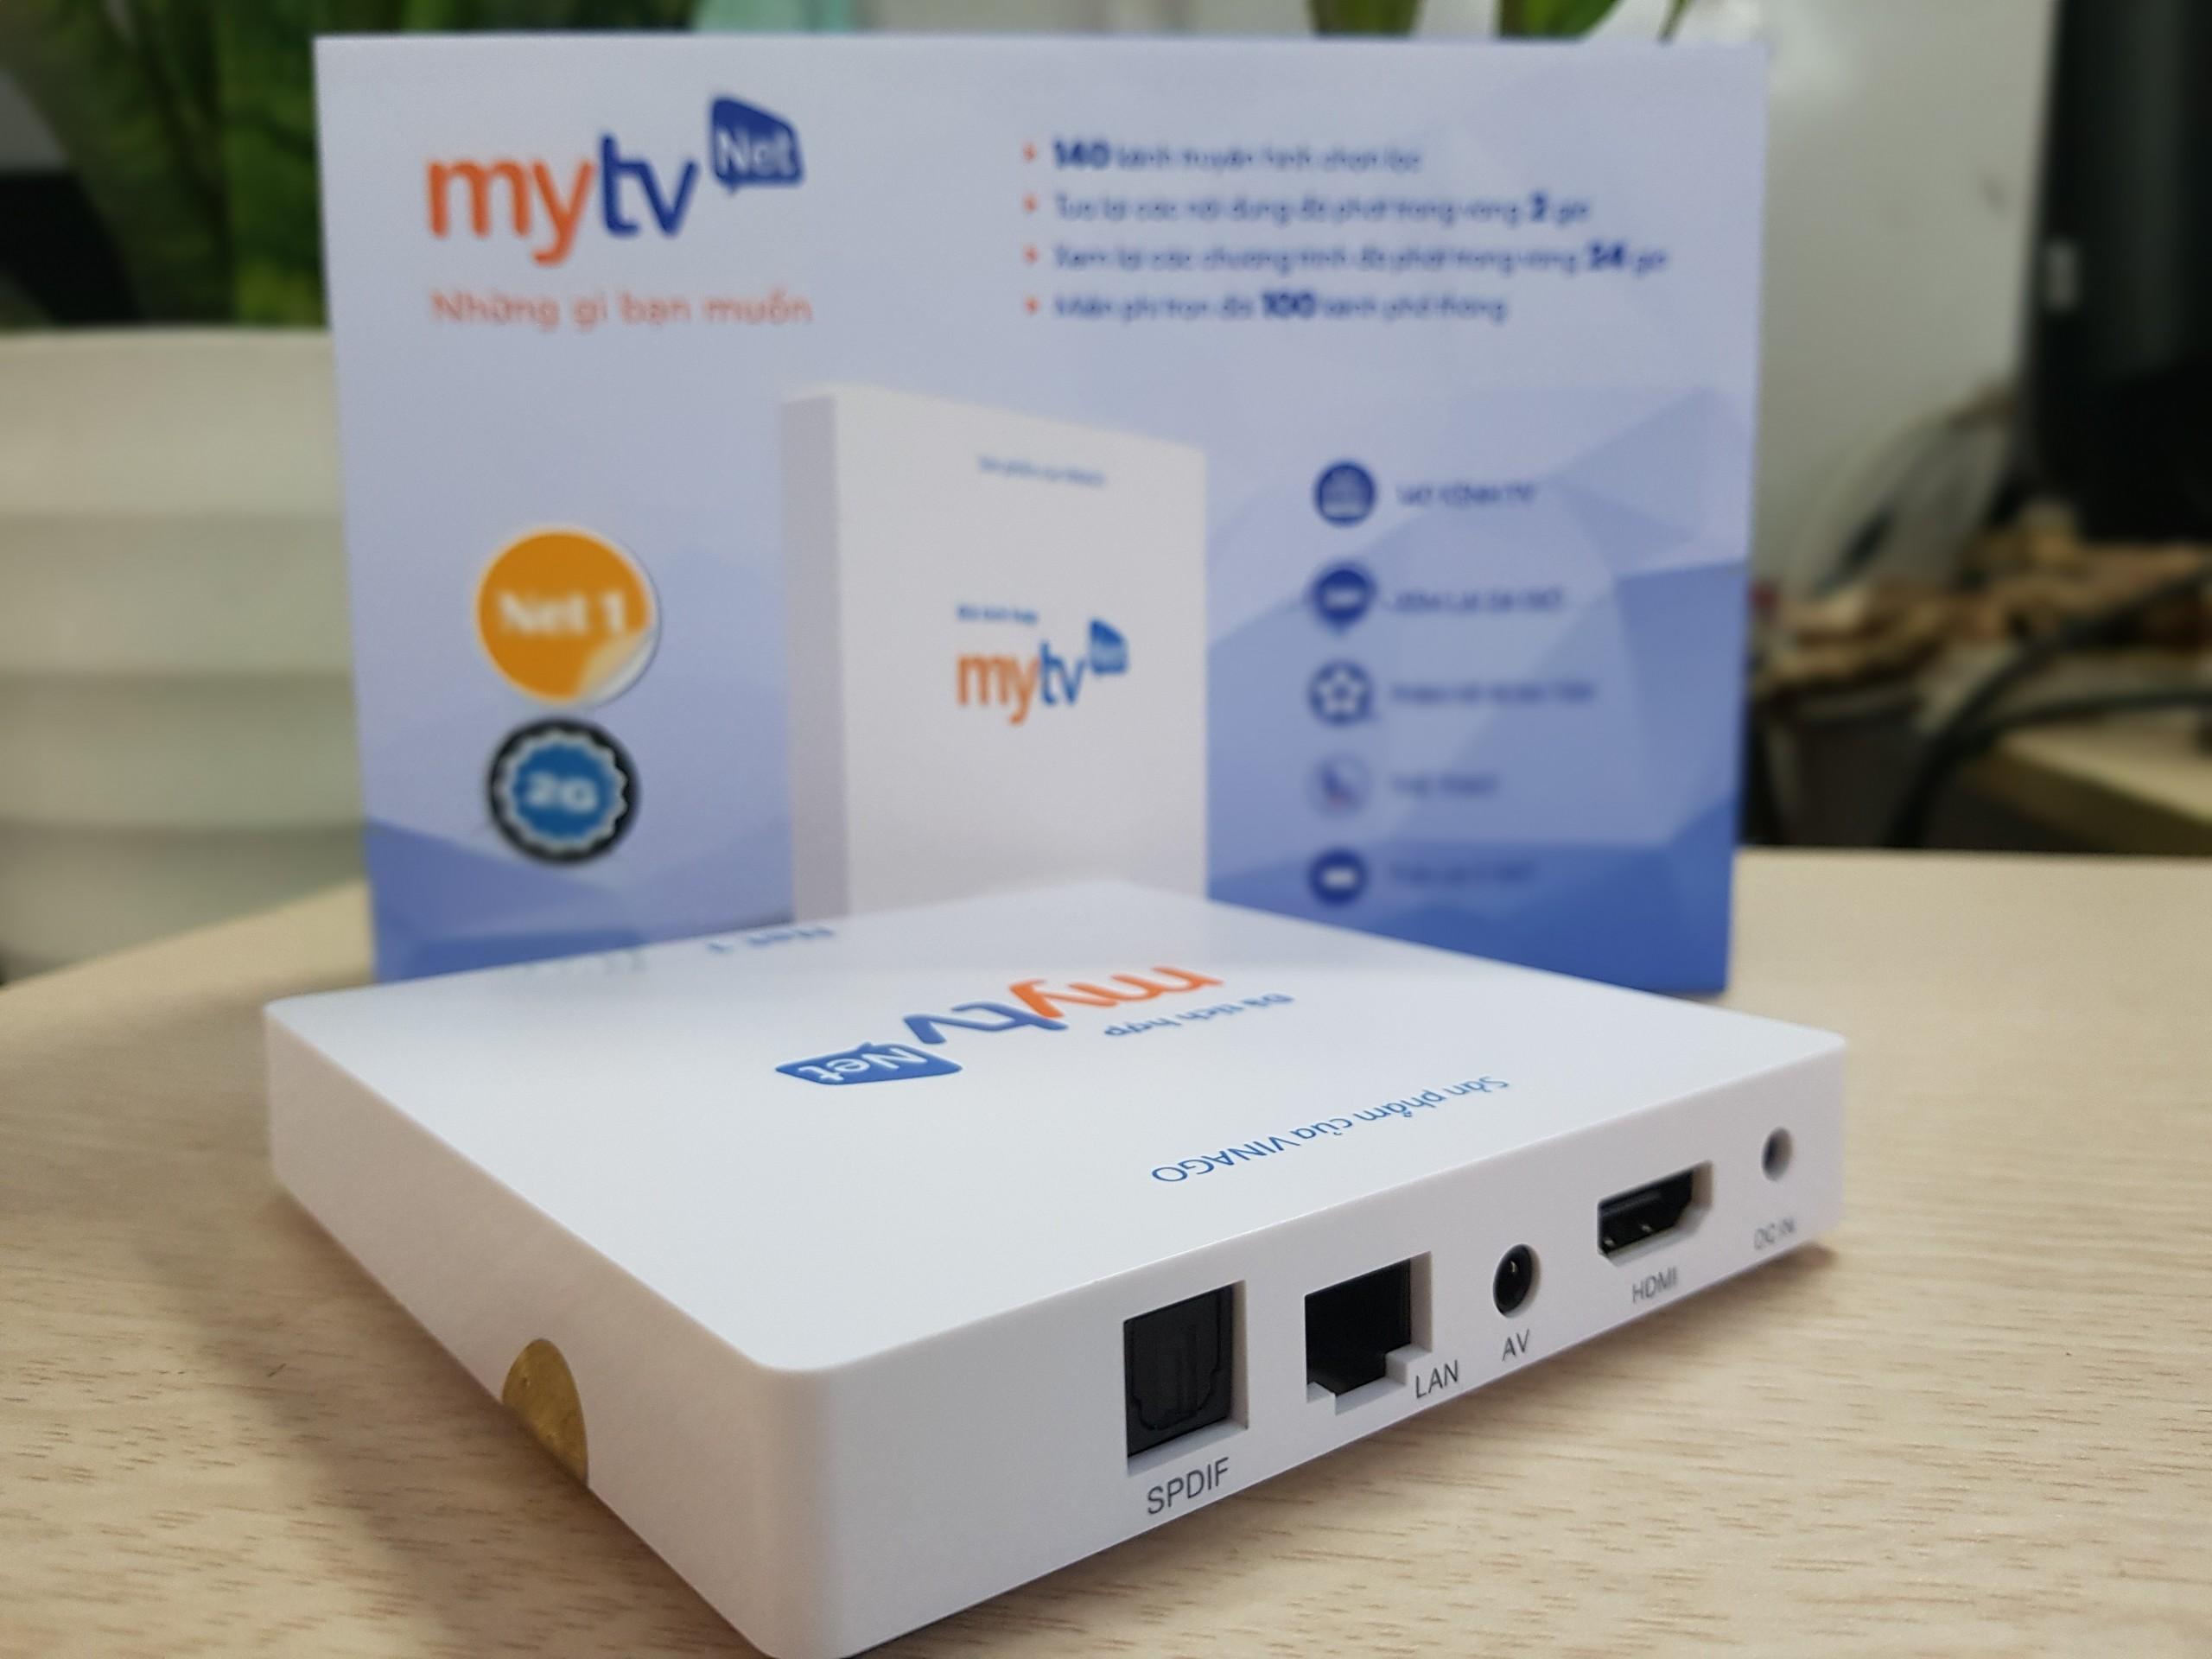 Android MyTV Net RAM 2G-2020 Tặng Chuôt Tài khoản HDplay, Android 7.1.2- Hàng chính hãng